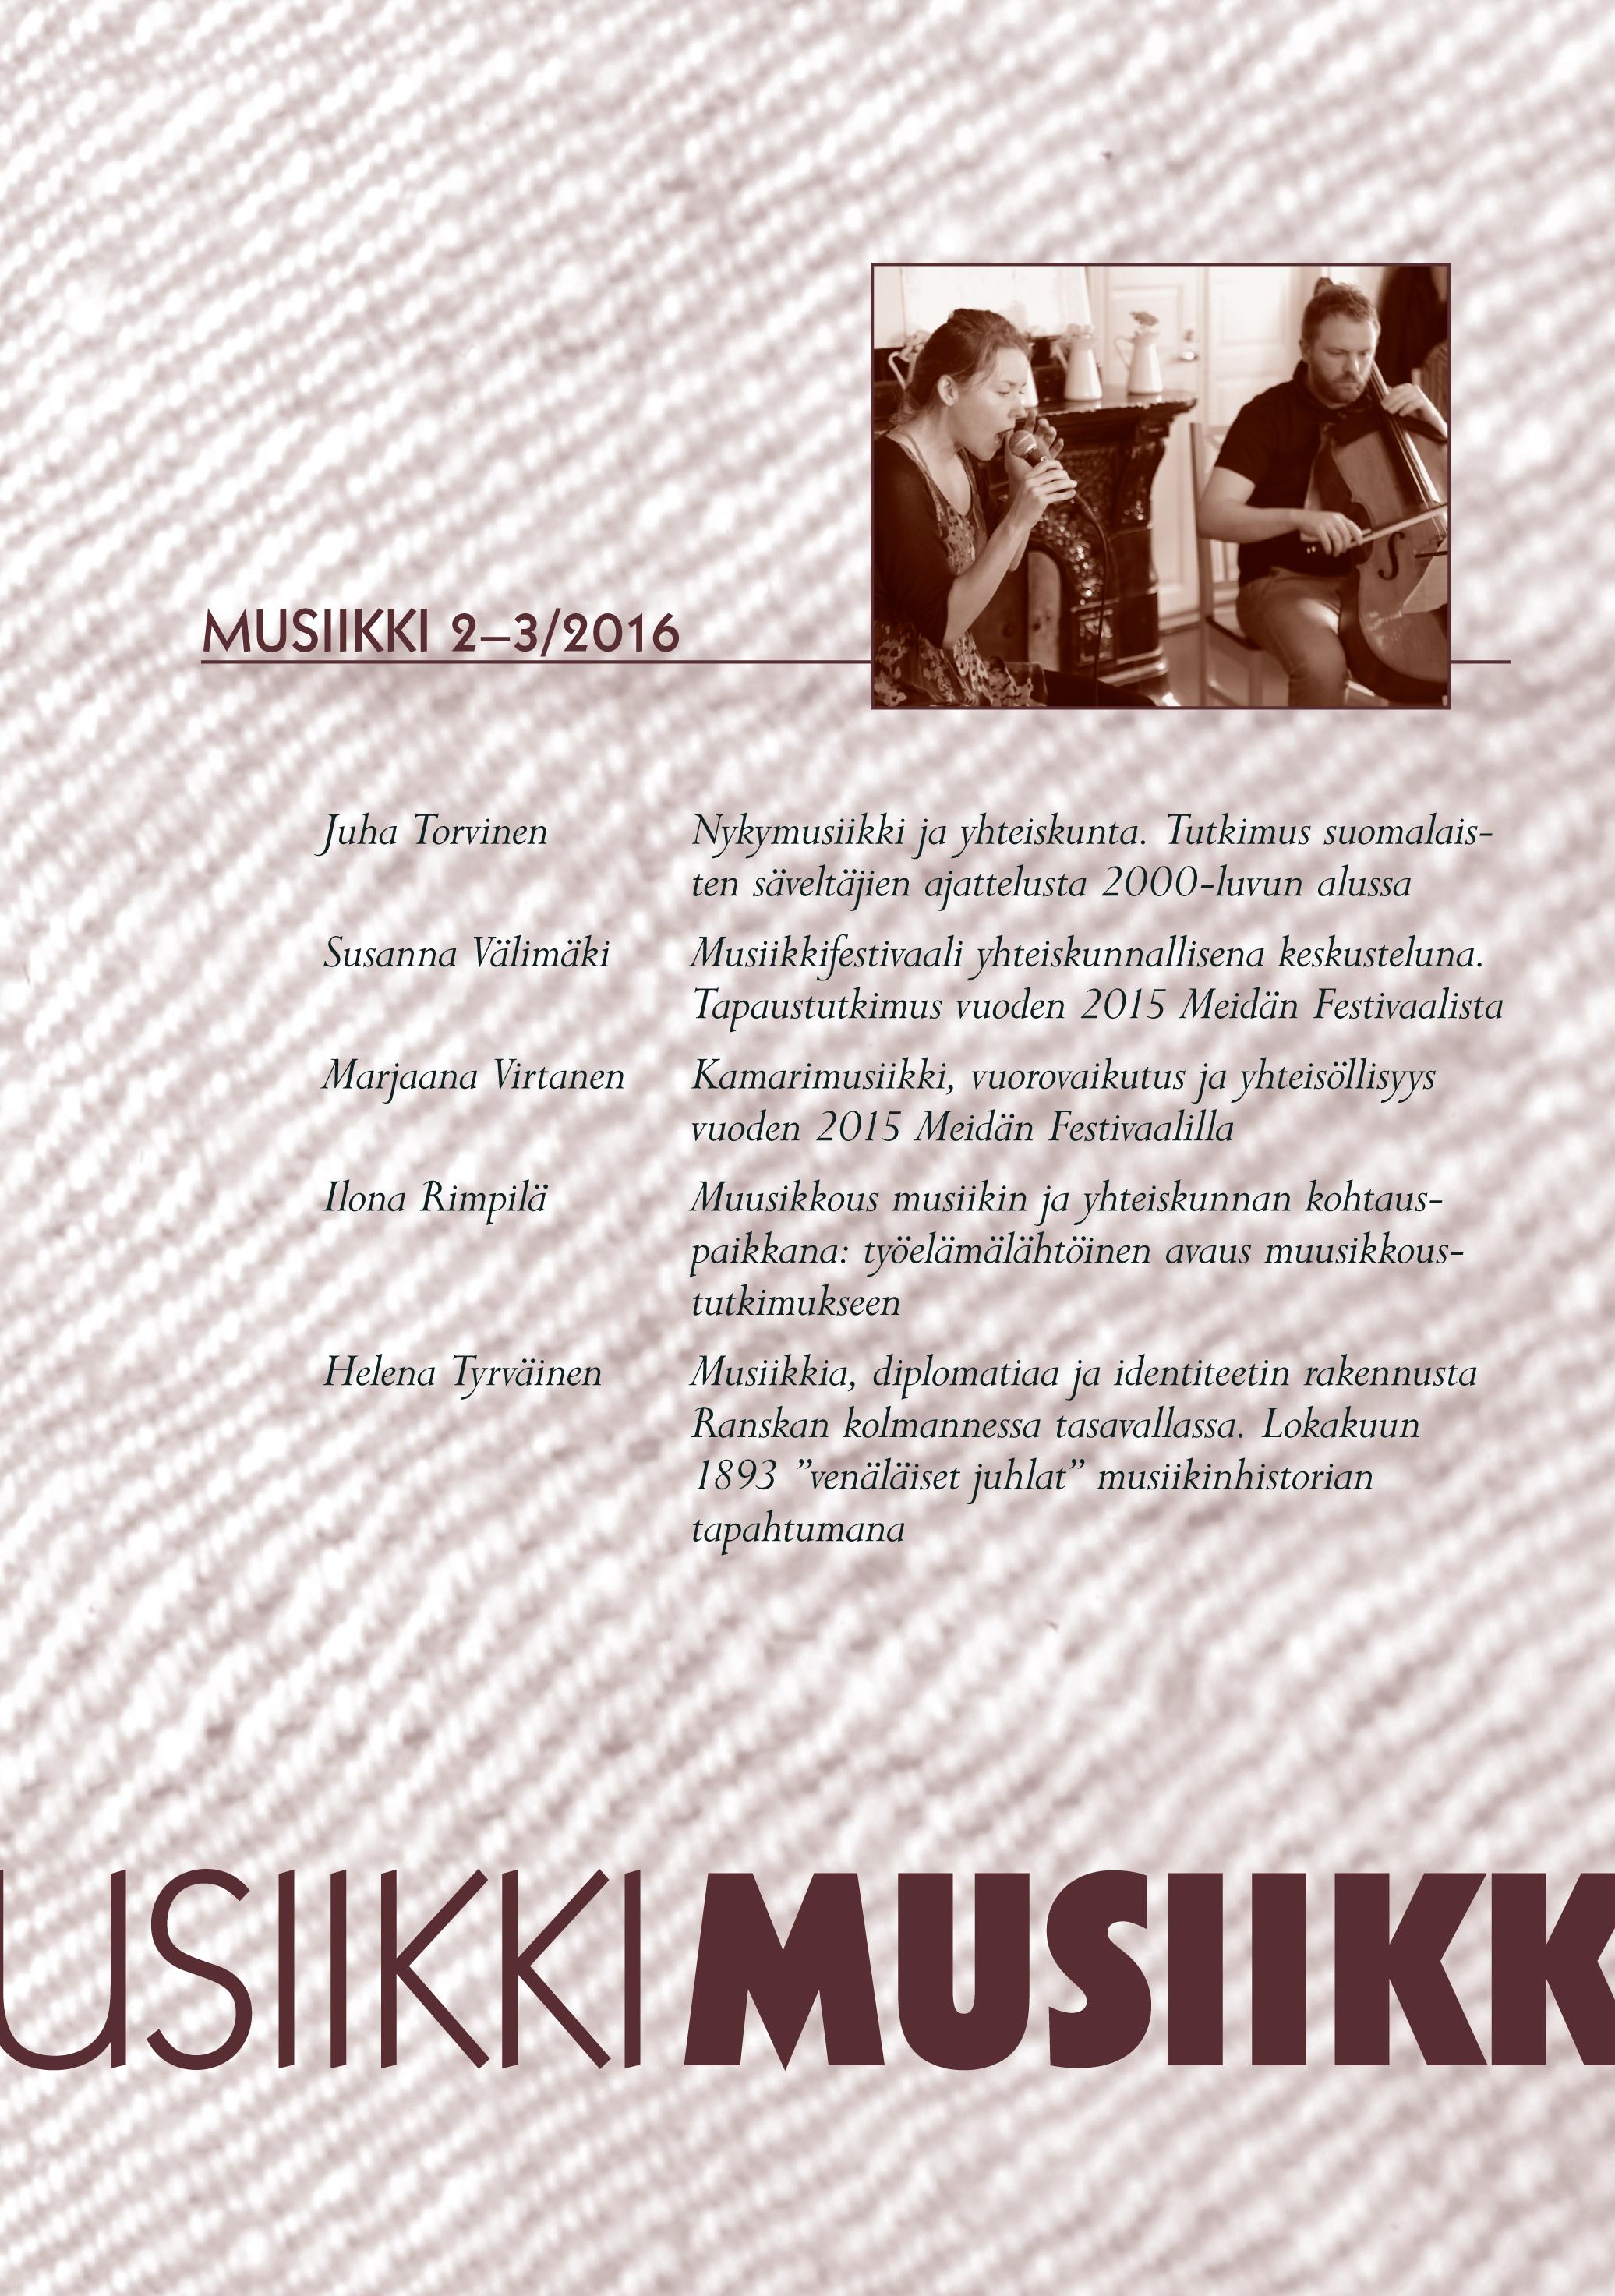 Vol 46 Nro 2-3 (2016): Musiikki 2-3/2016